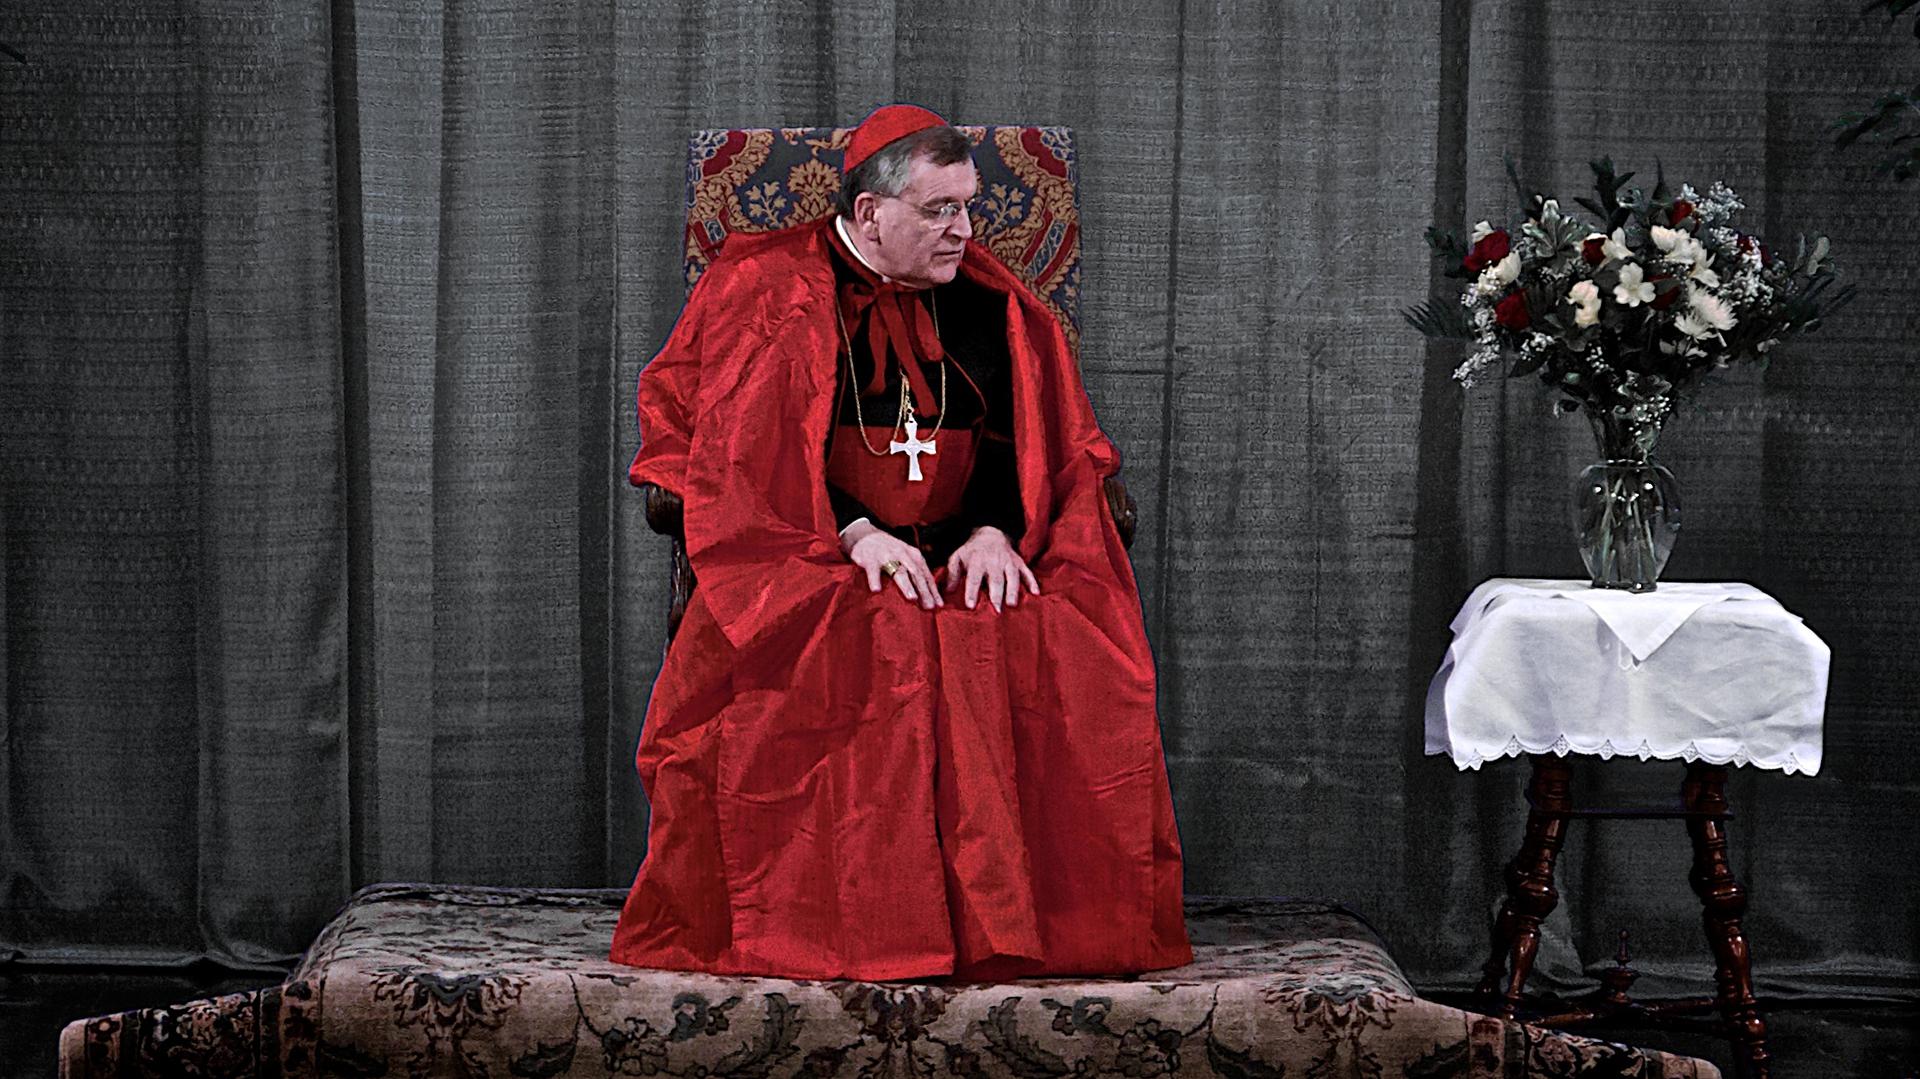 Le cardinal américain Raymond Léo Burke (flickr/pbr-photos/CC BY-NC-ND 2.0)